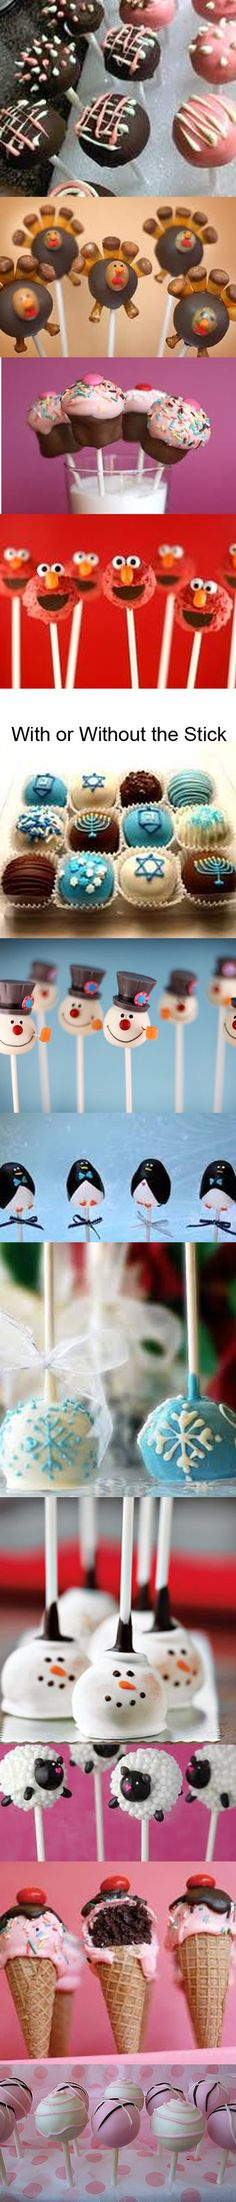 Fun & Easy Cake Pops - Robin Sampson's Blog : Robin Sampson's Blog